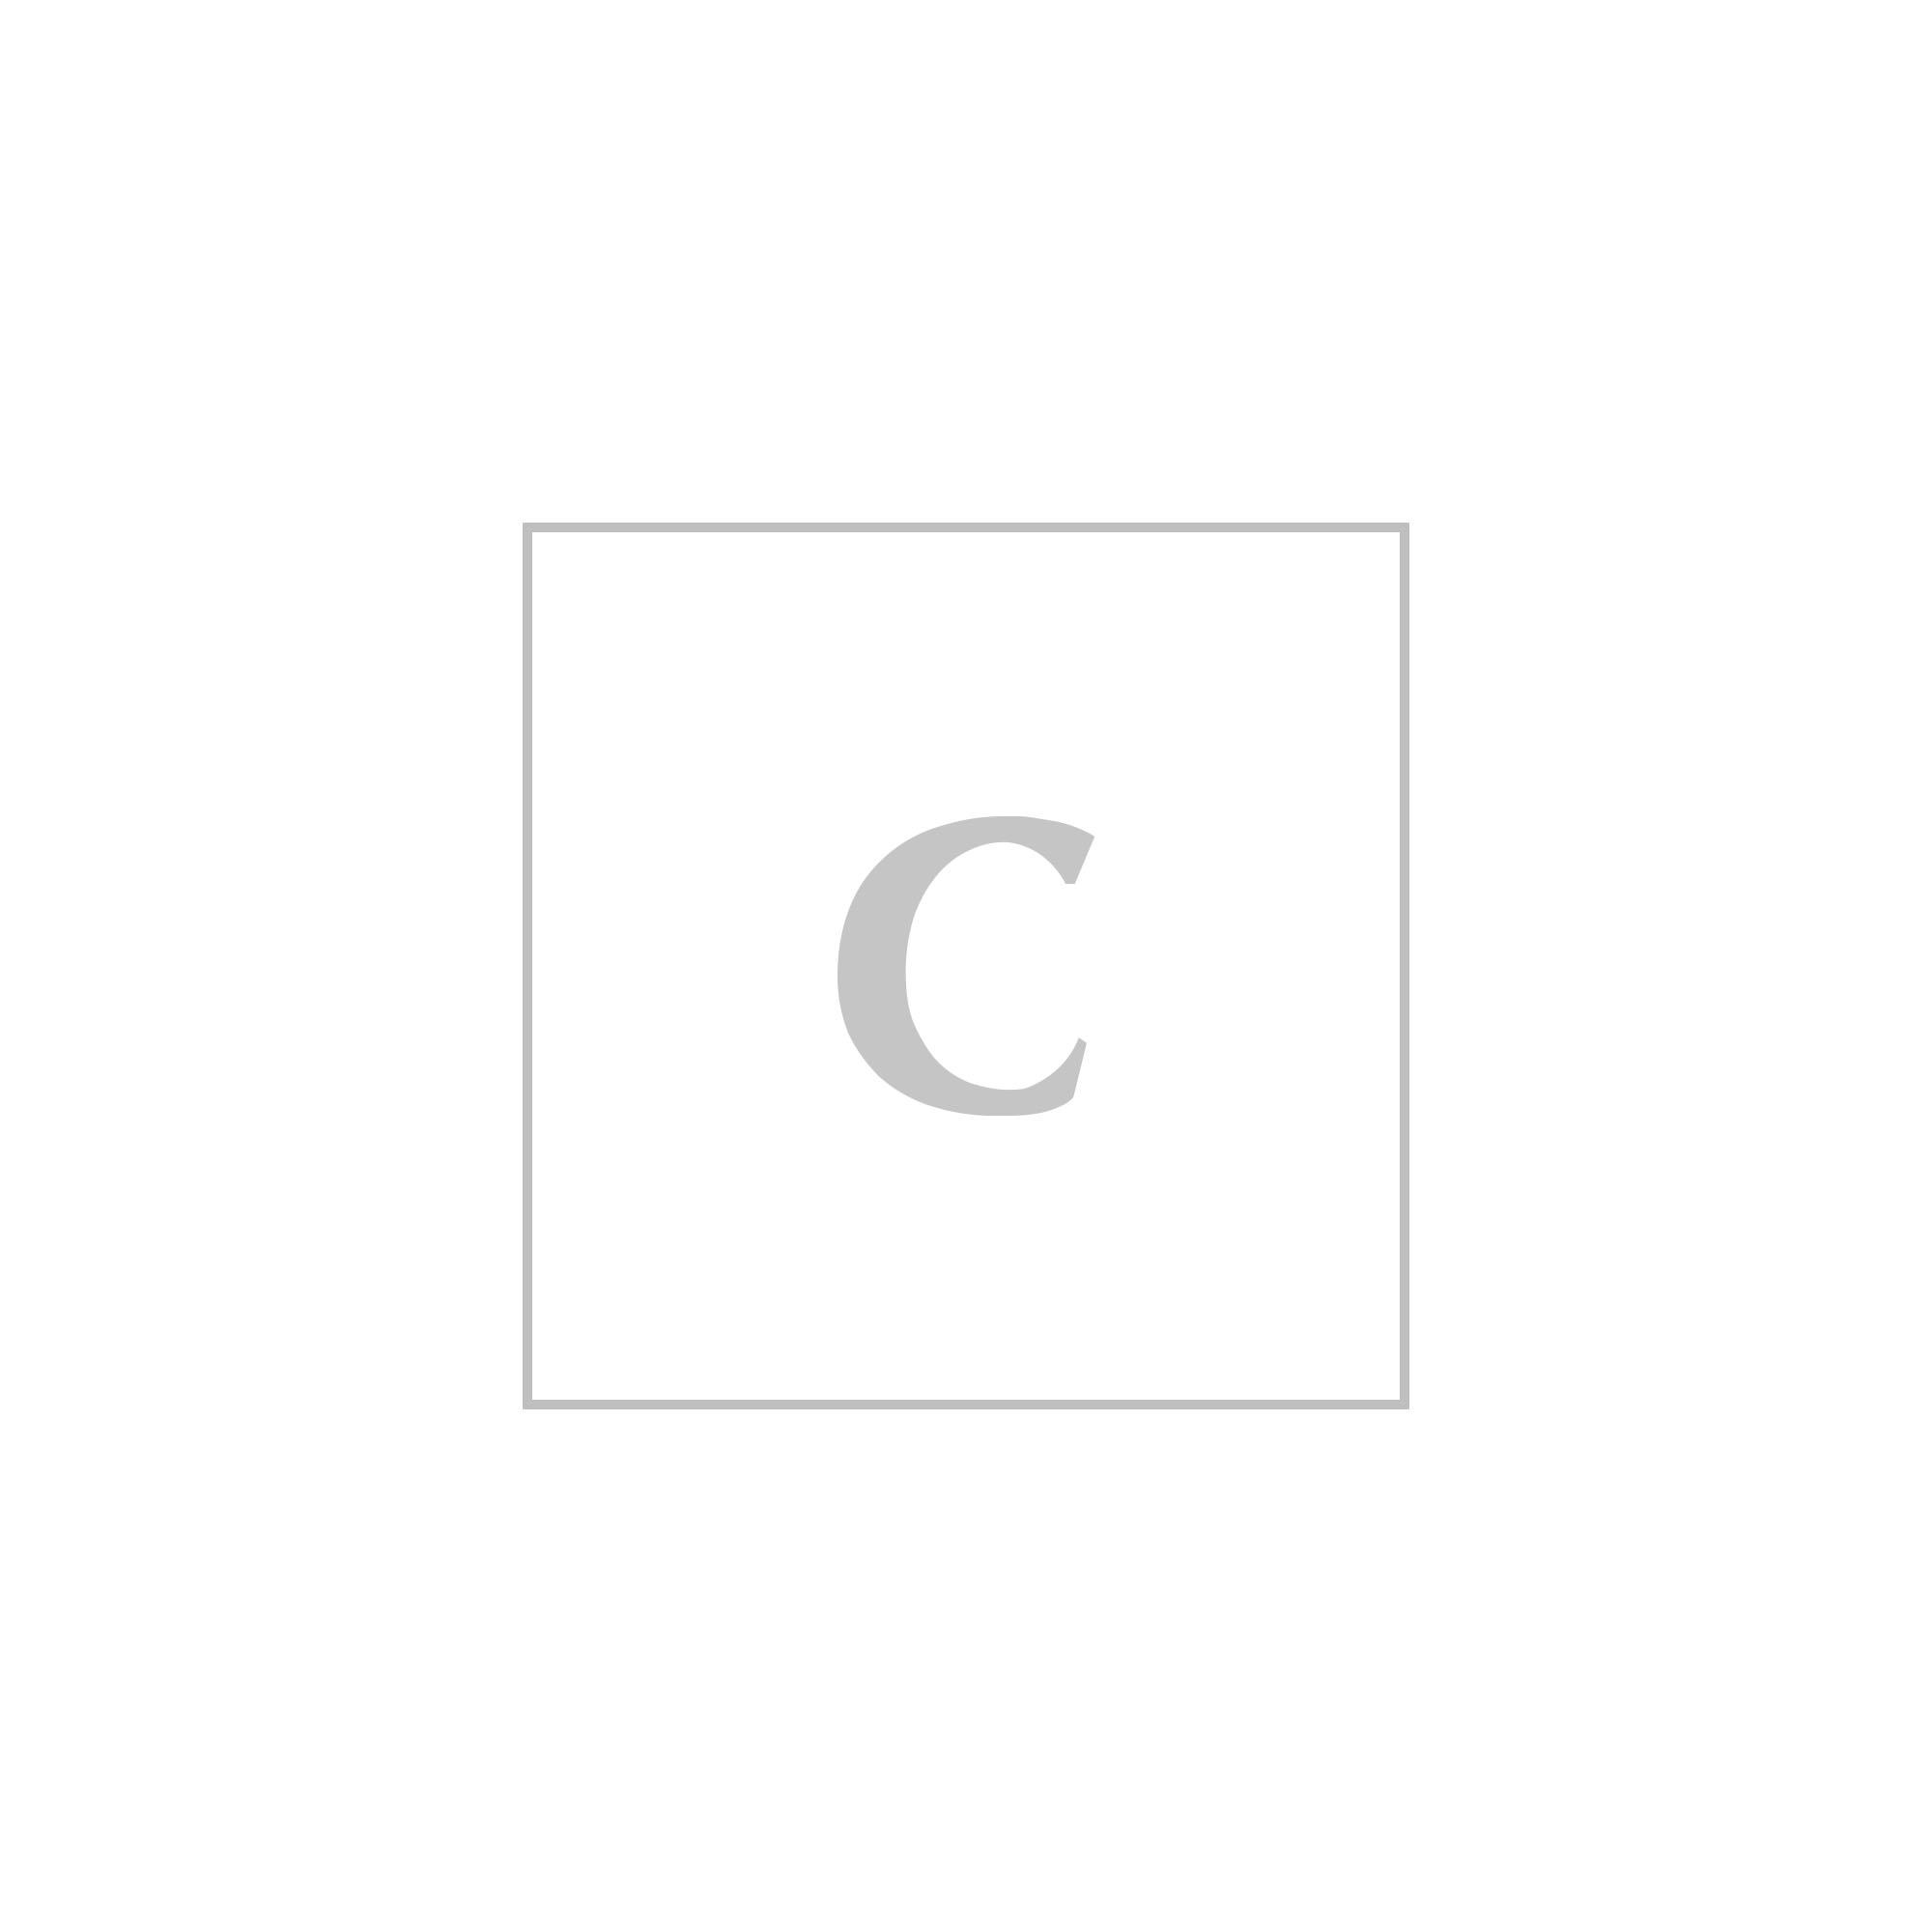 Michael michael kors logo camera bag